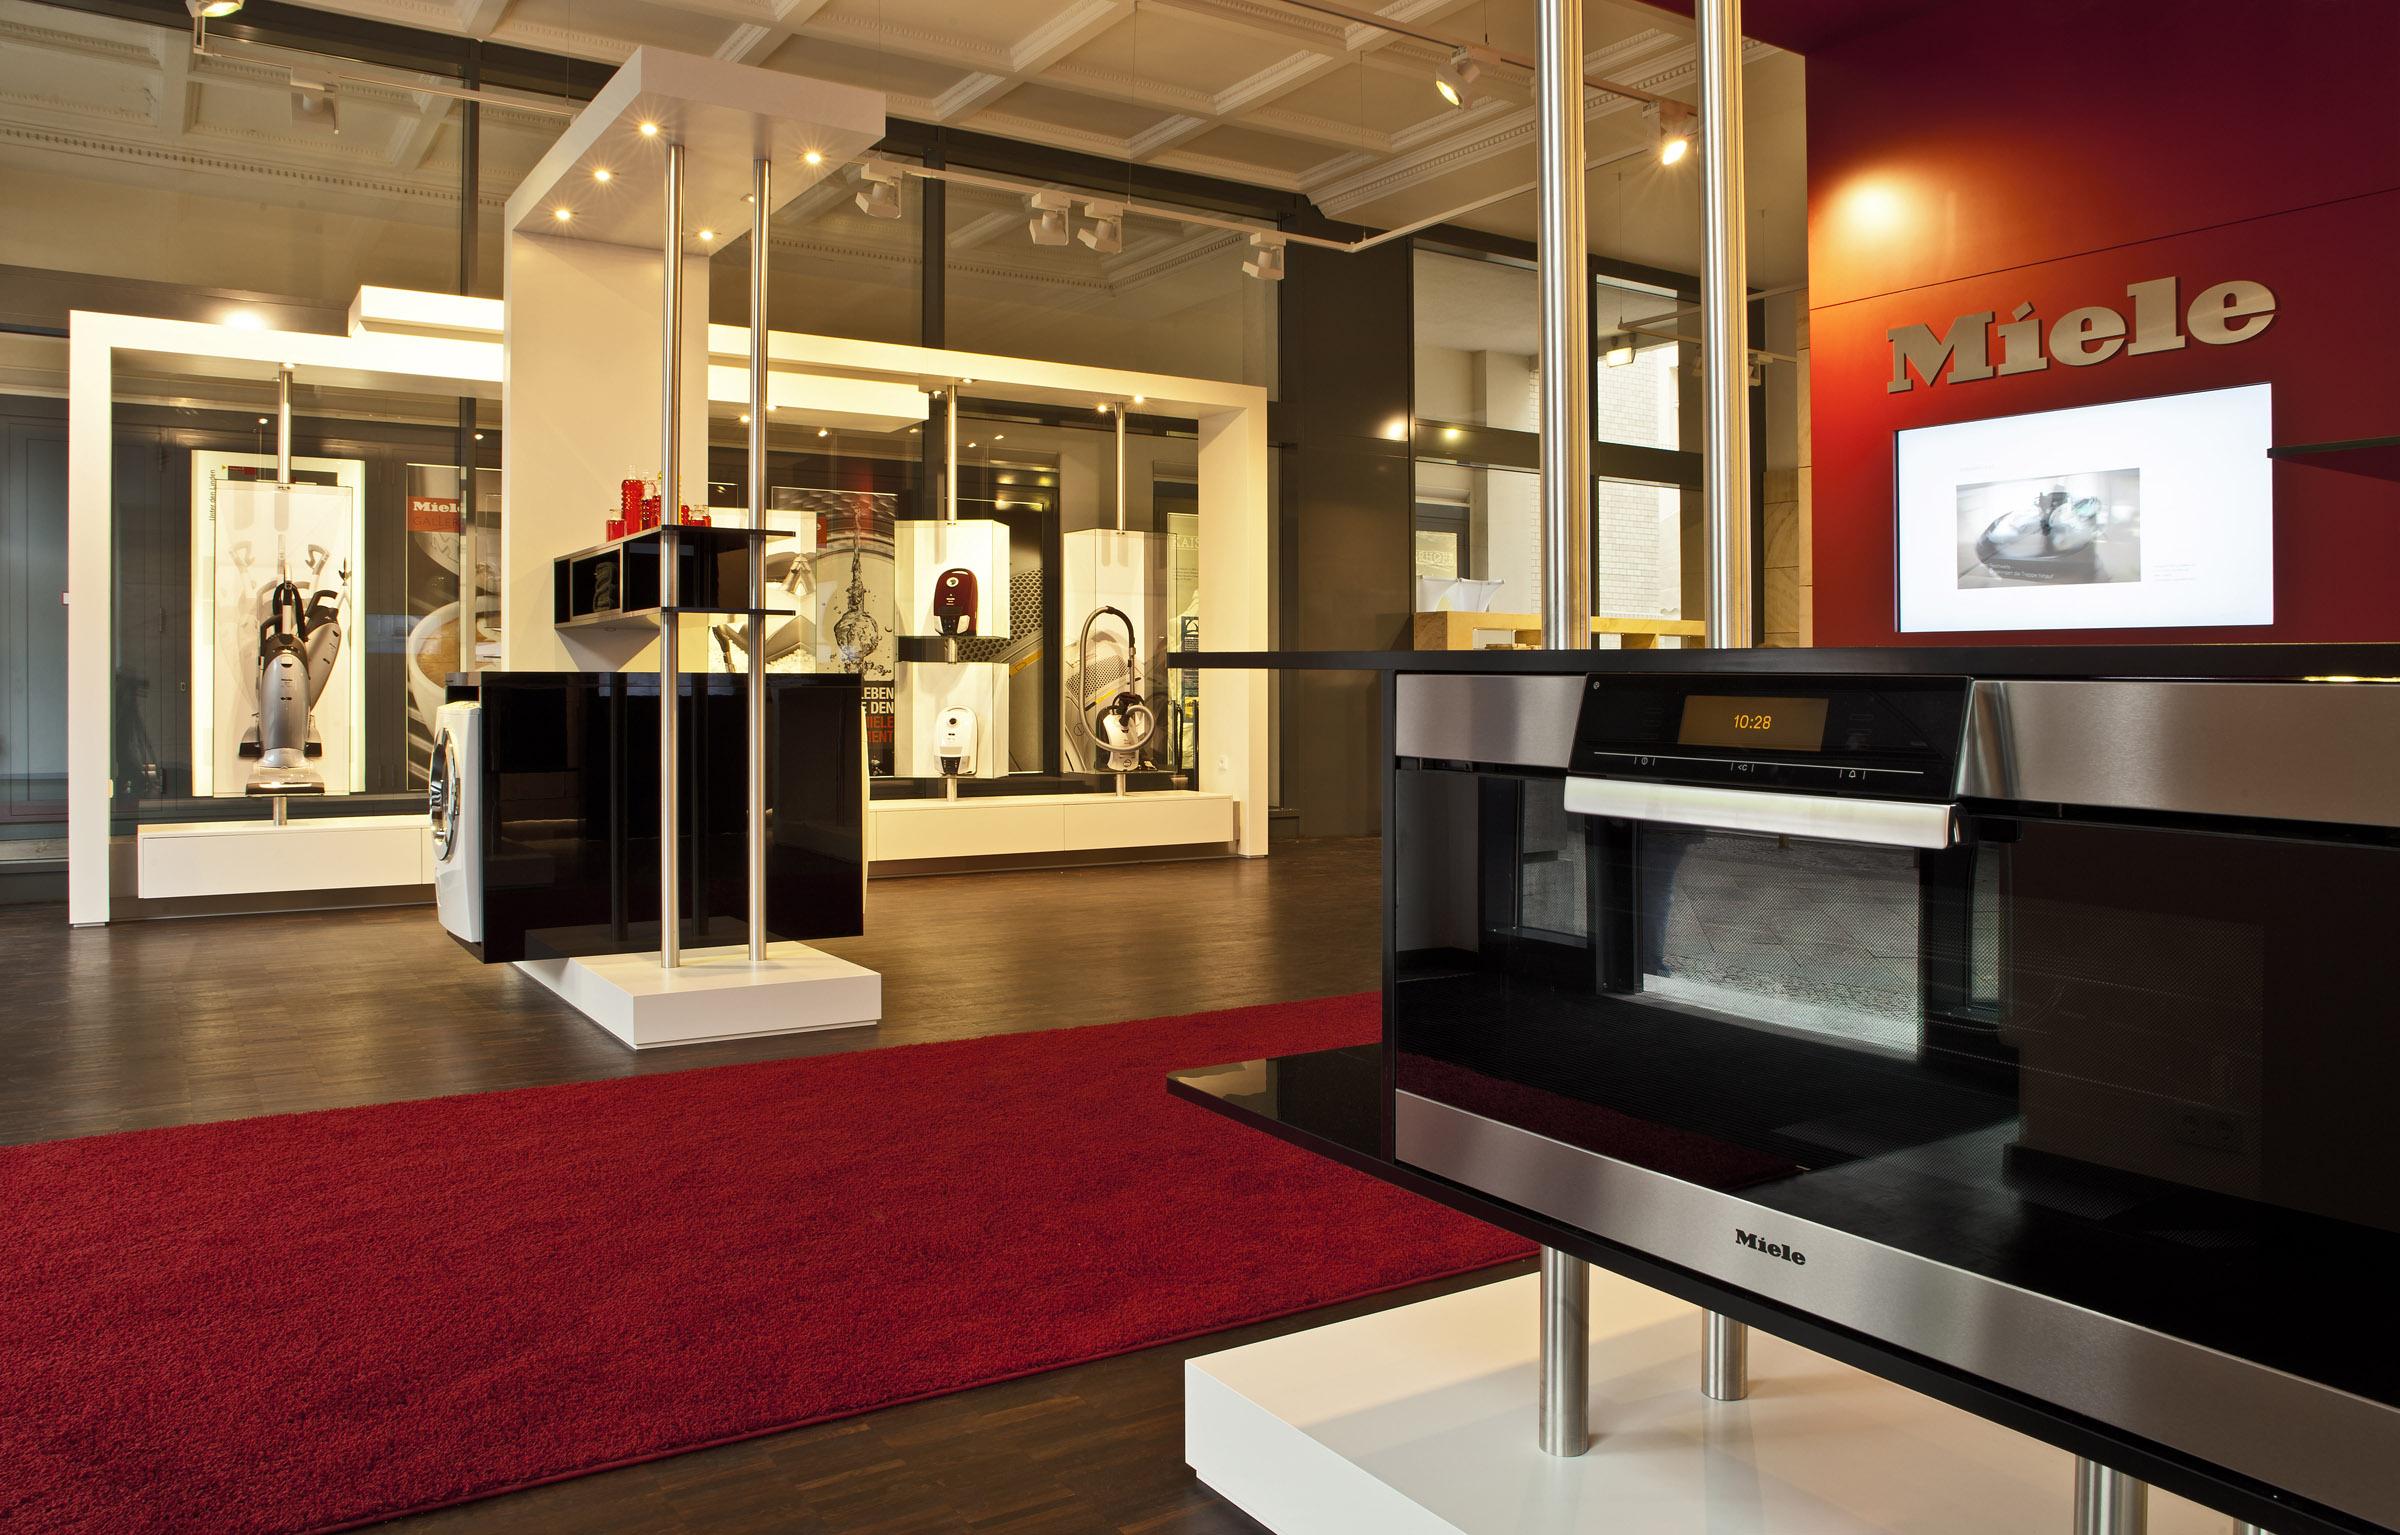 b rgermeister wowereit miele setzt ein zeichen miele gallery unter den linden heute. Black Bedroom Furniture Sets. Home Design Ideas